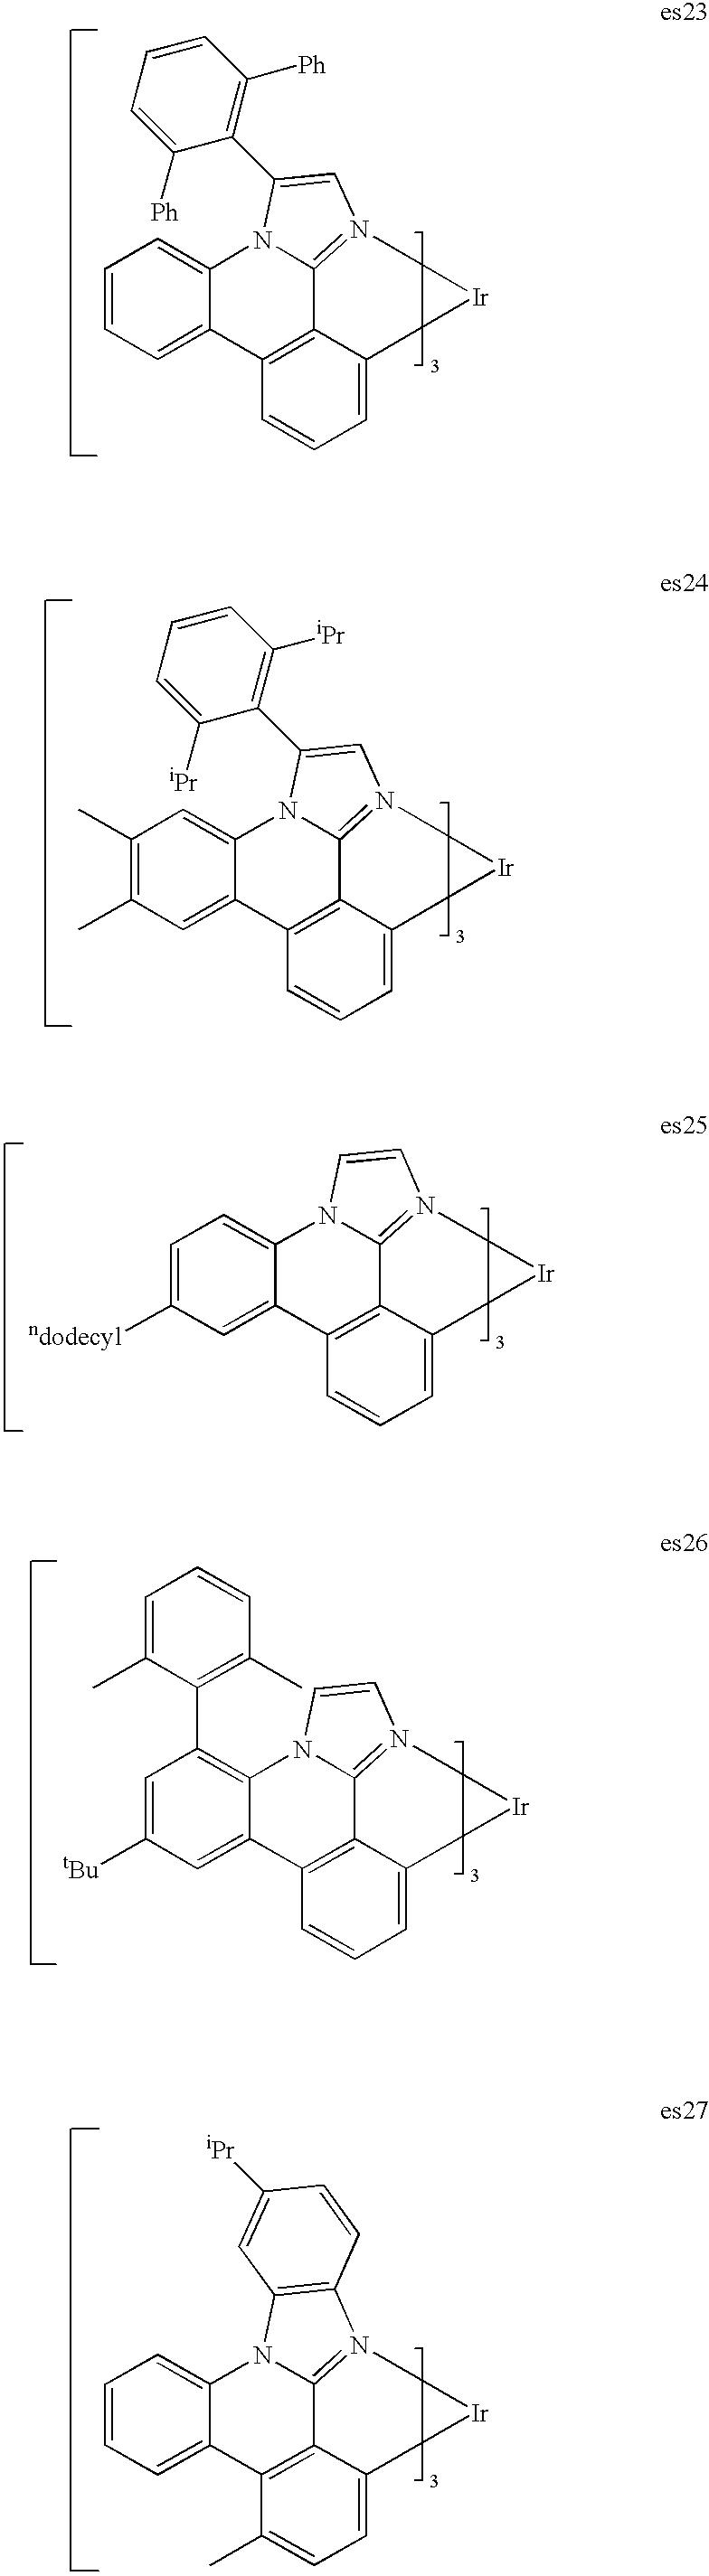 Figure US08142909-20120327-C00023